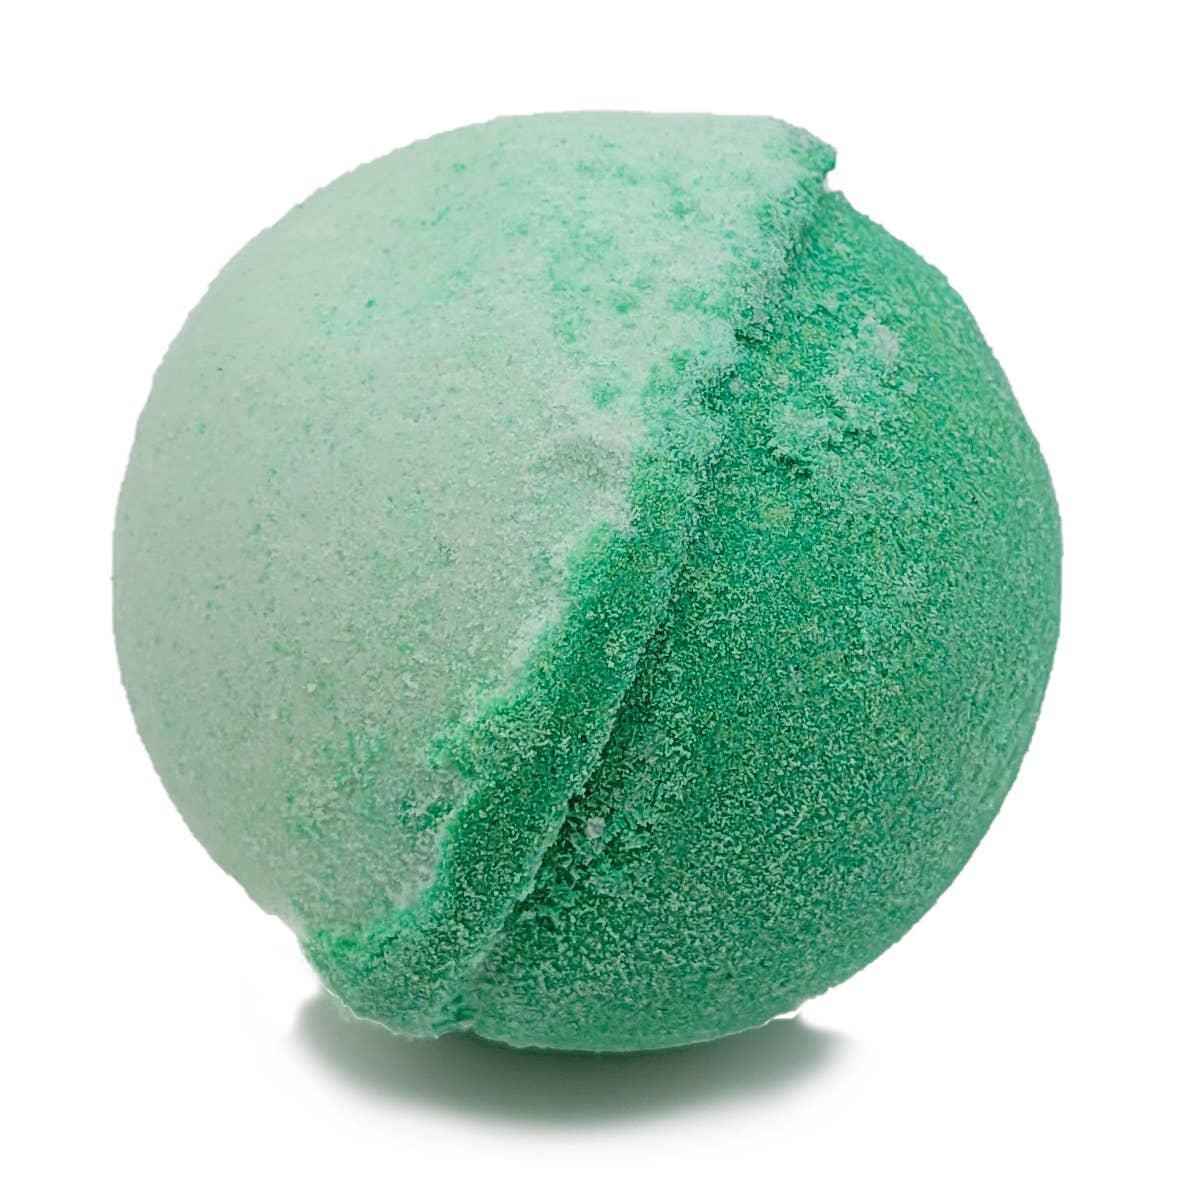 Evolve - Bath Bomb - Pistachio Gelato | Trada Marketplace